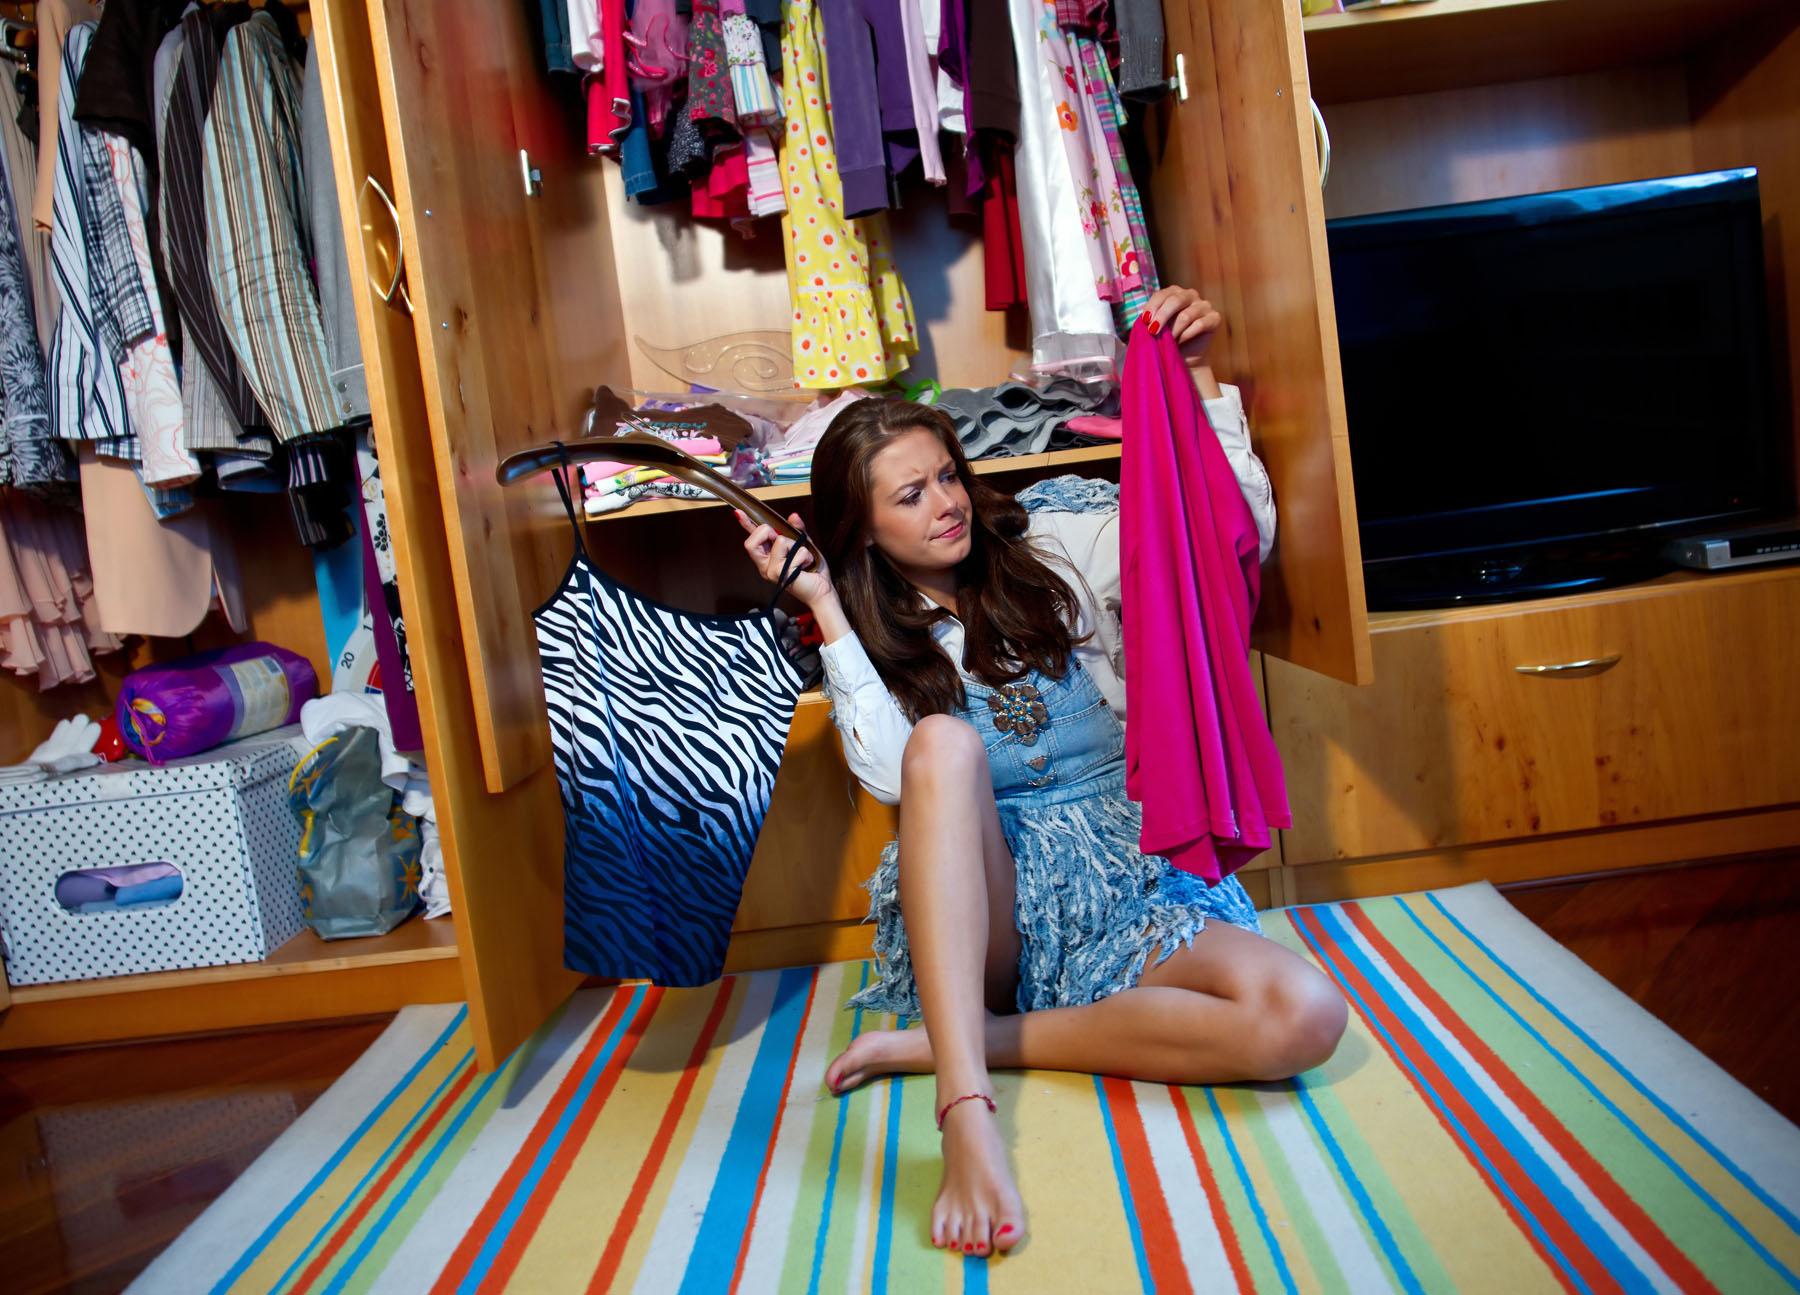 Марта поздравить, прикольная одежда из шкафа картинки